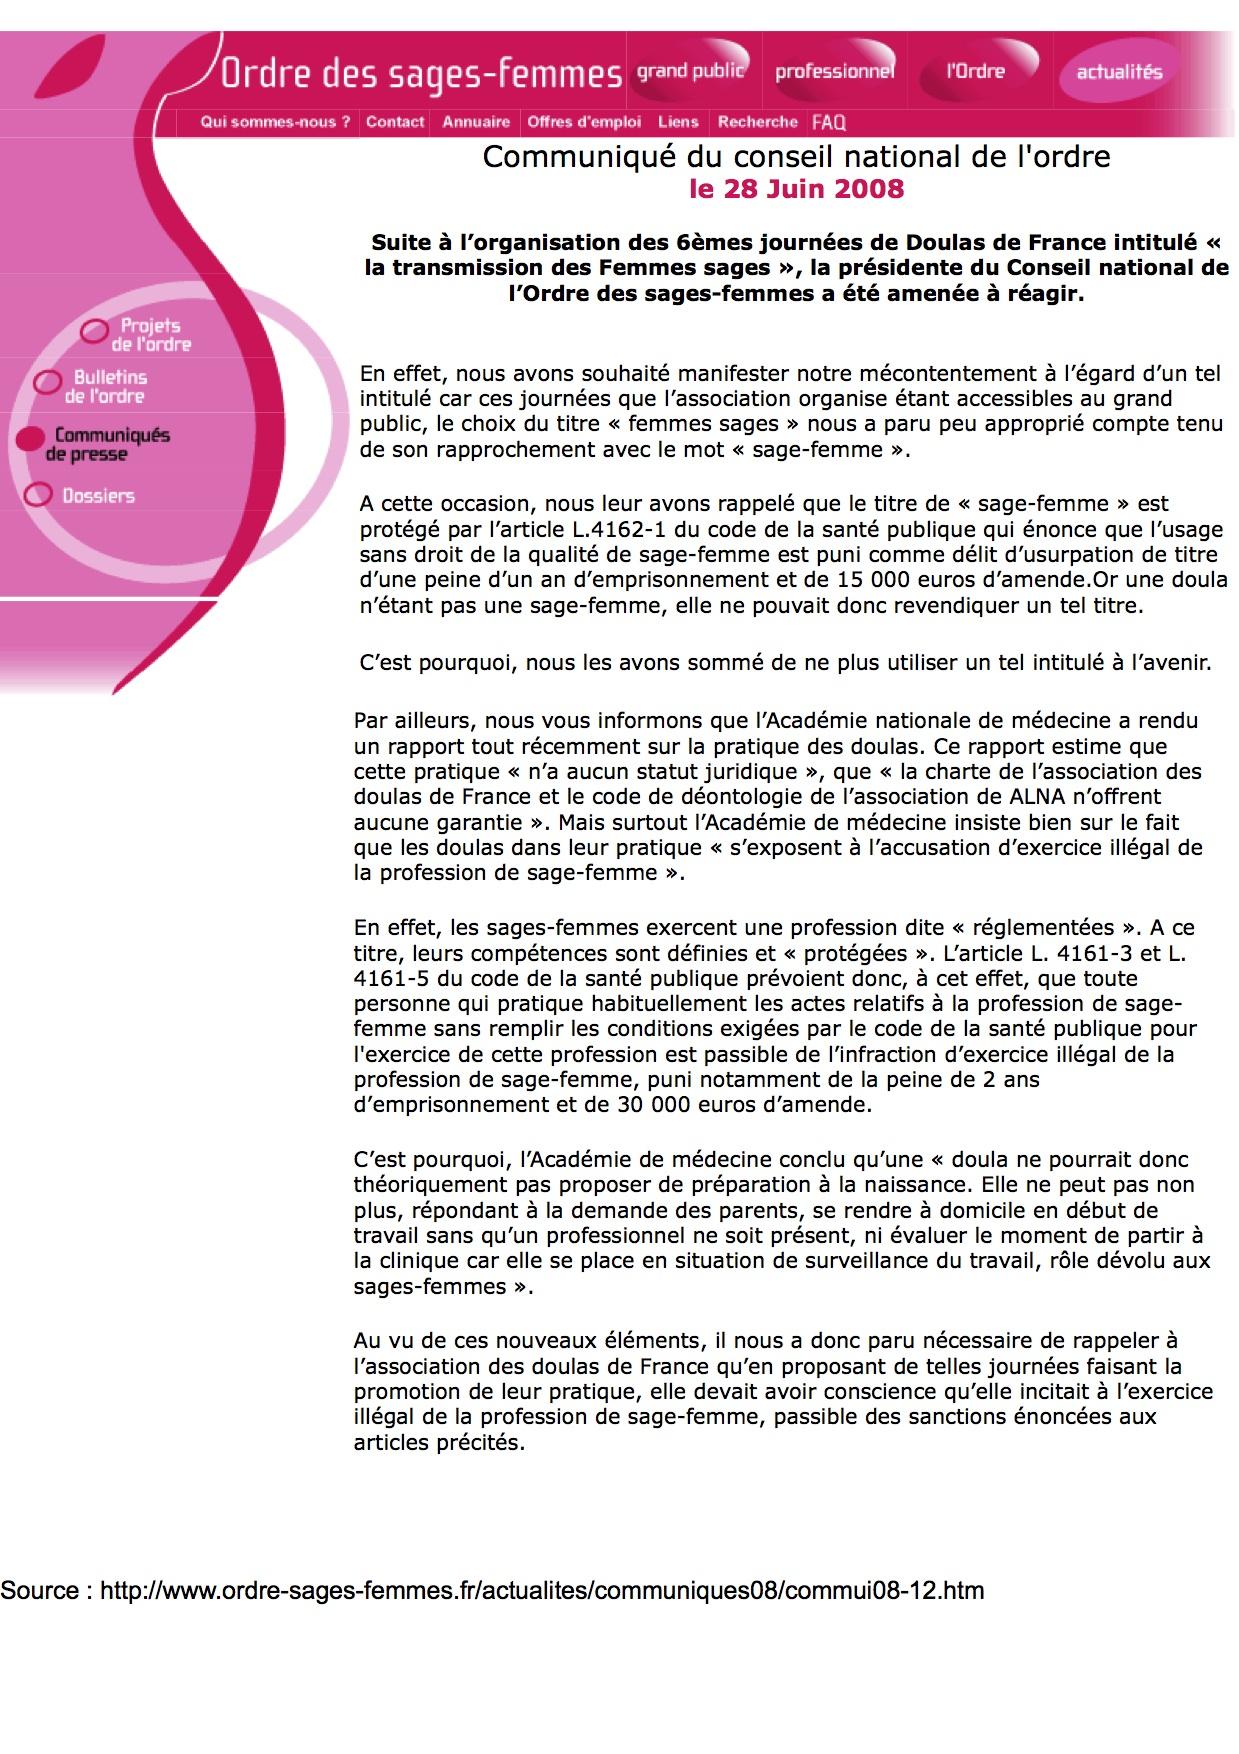 20080628-CommuniqueCNOSF